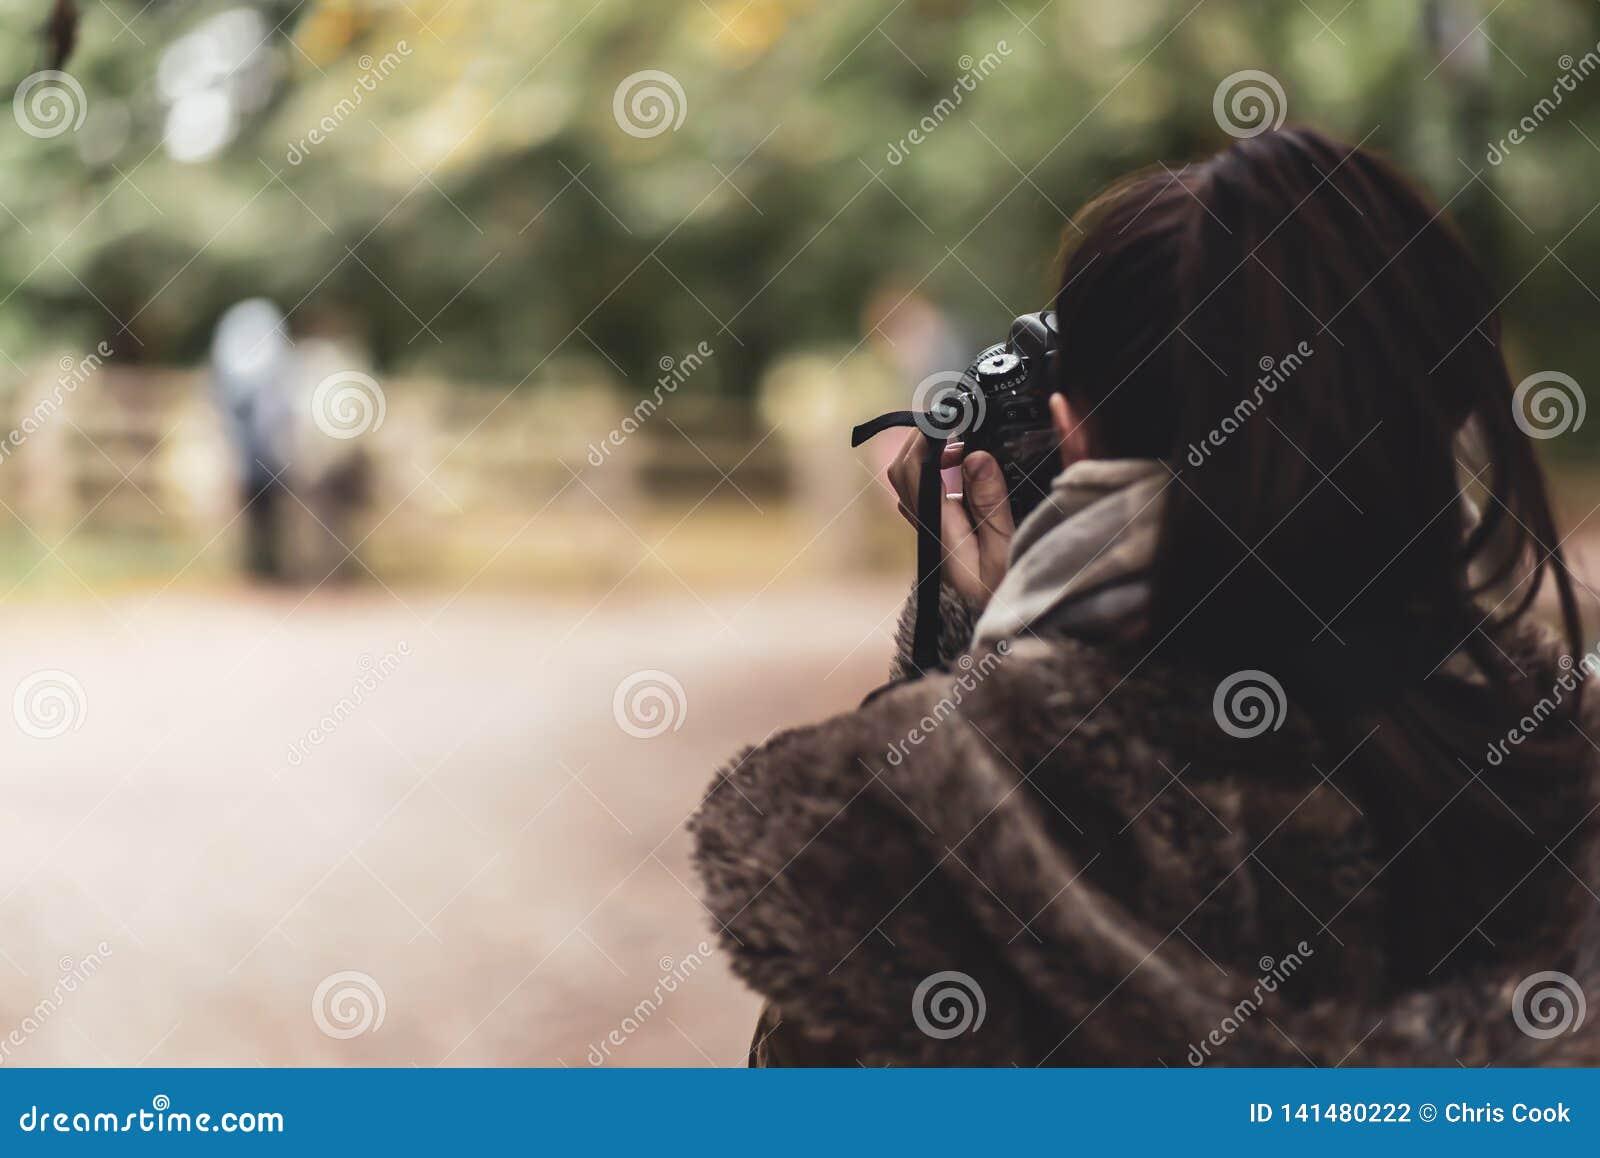 Ένας νέος θηλυκός καυκάσιος φωτογράφος παίρνει μια εικόνα ενός ζεύγους